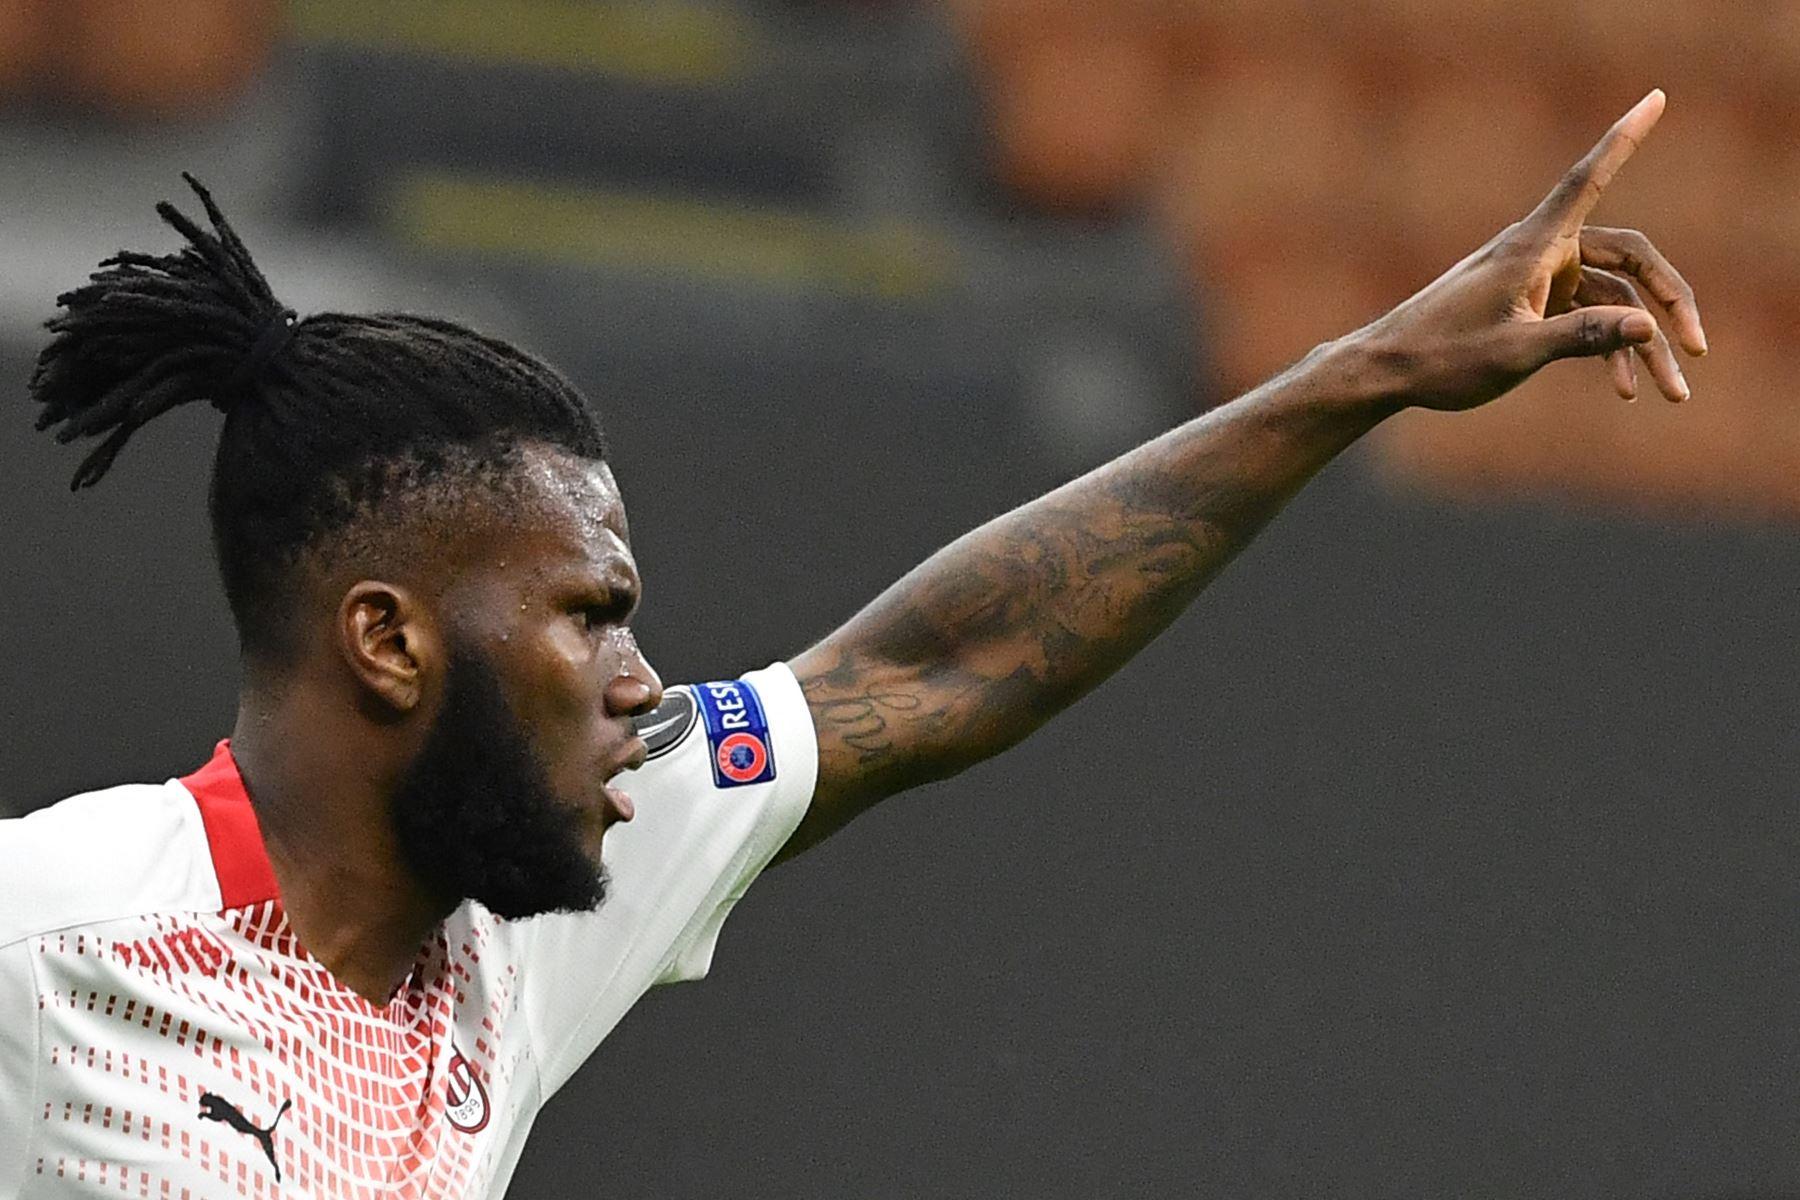 El centrocampista marfileño del AC Milan, Franck Kessie, celebra tras abrir el marcador durante los dieciseisavos de final de la UEFA Europa League. Foto: AFP